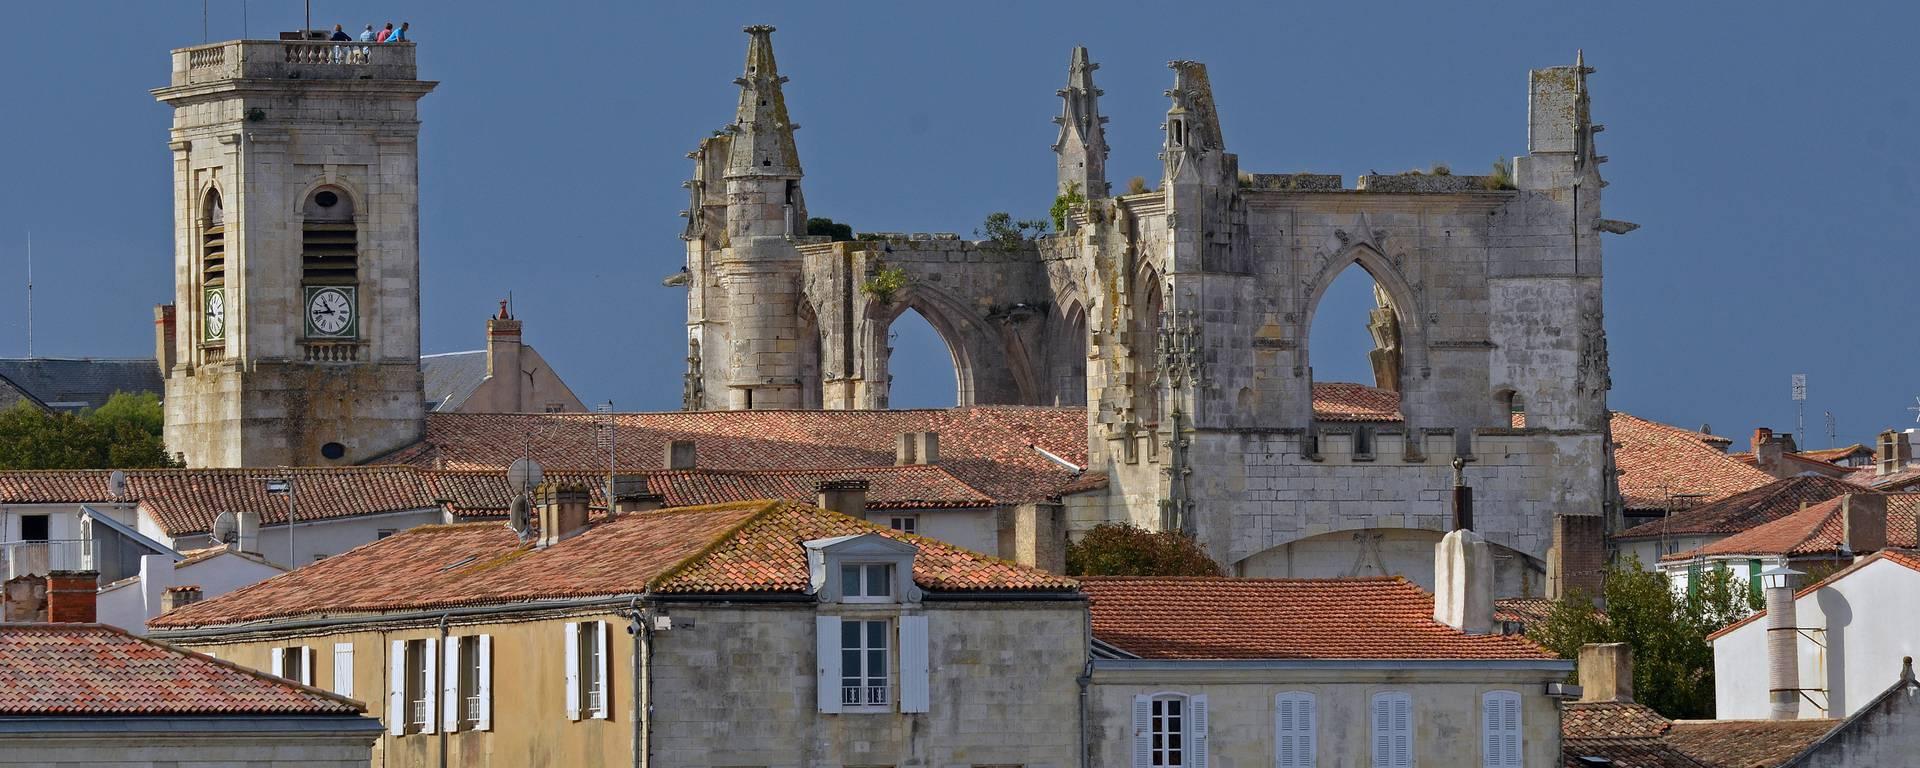 church Saint-Clément les baleines